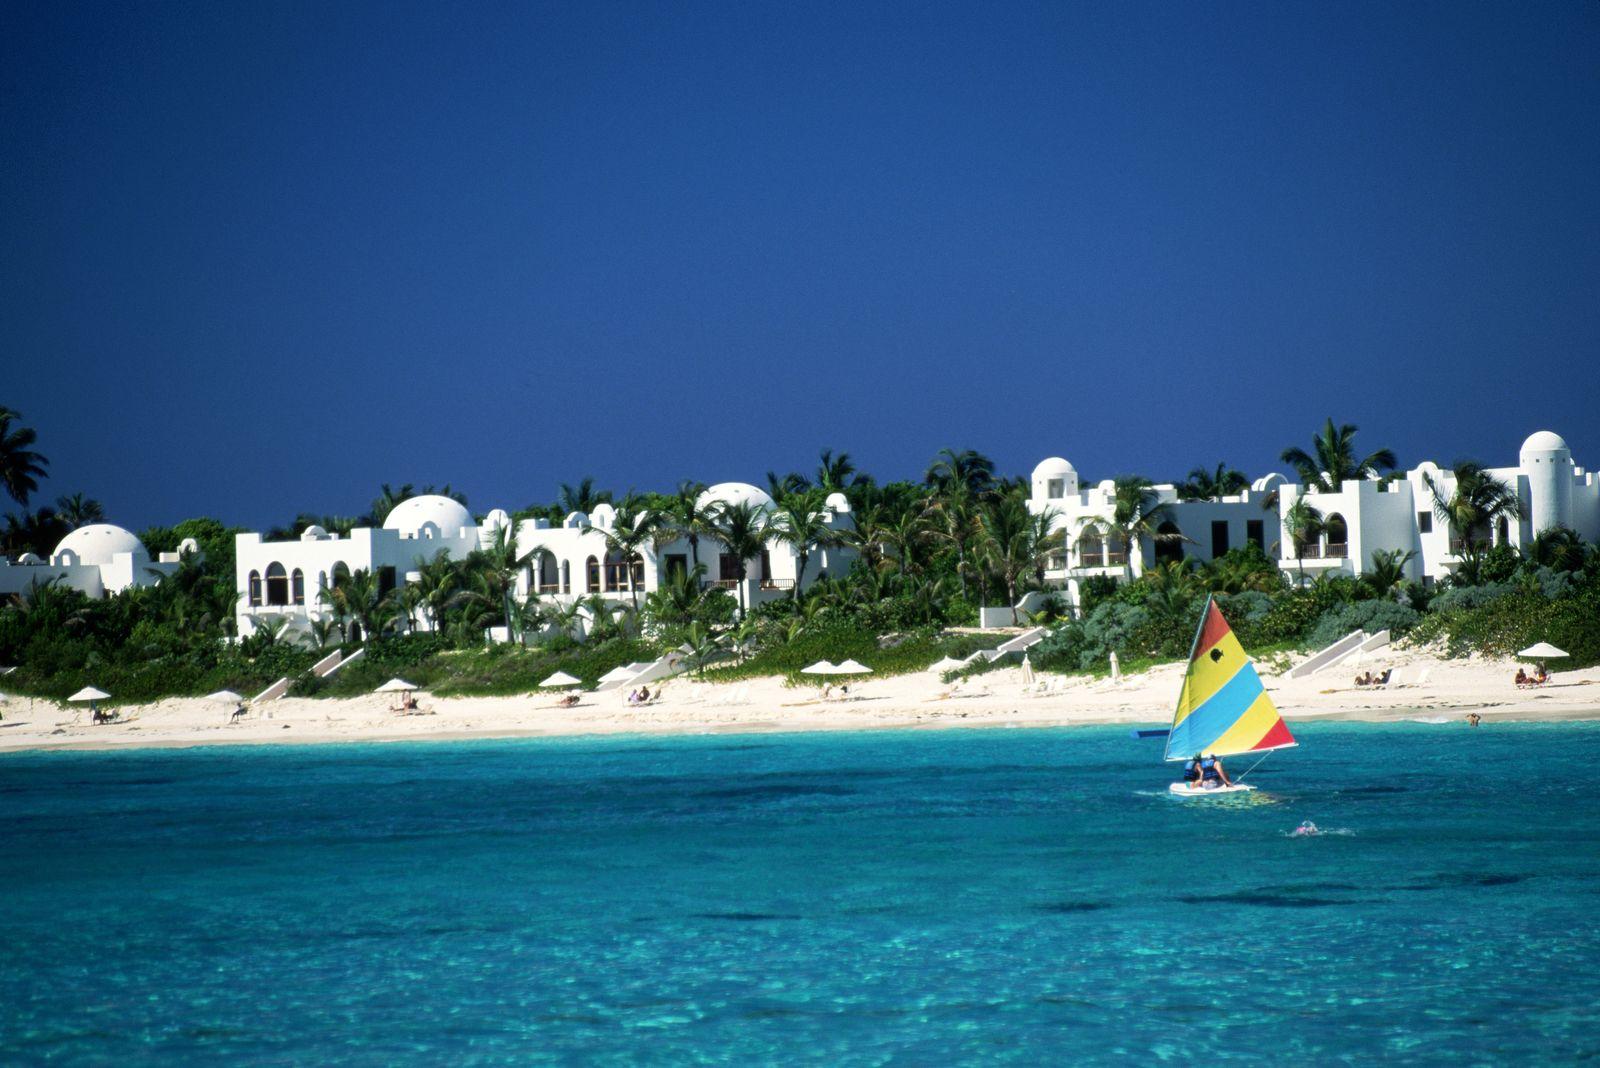 NICHT MEHR VERWENDEN! - Britische Steueroasen / Anguilla